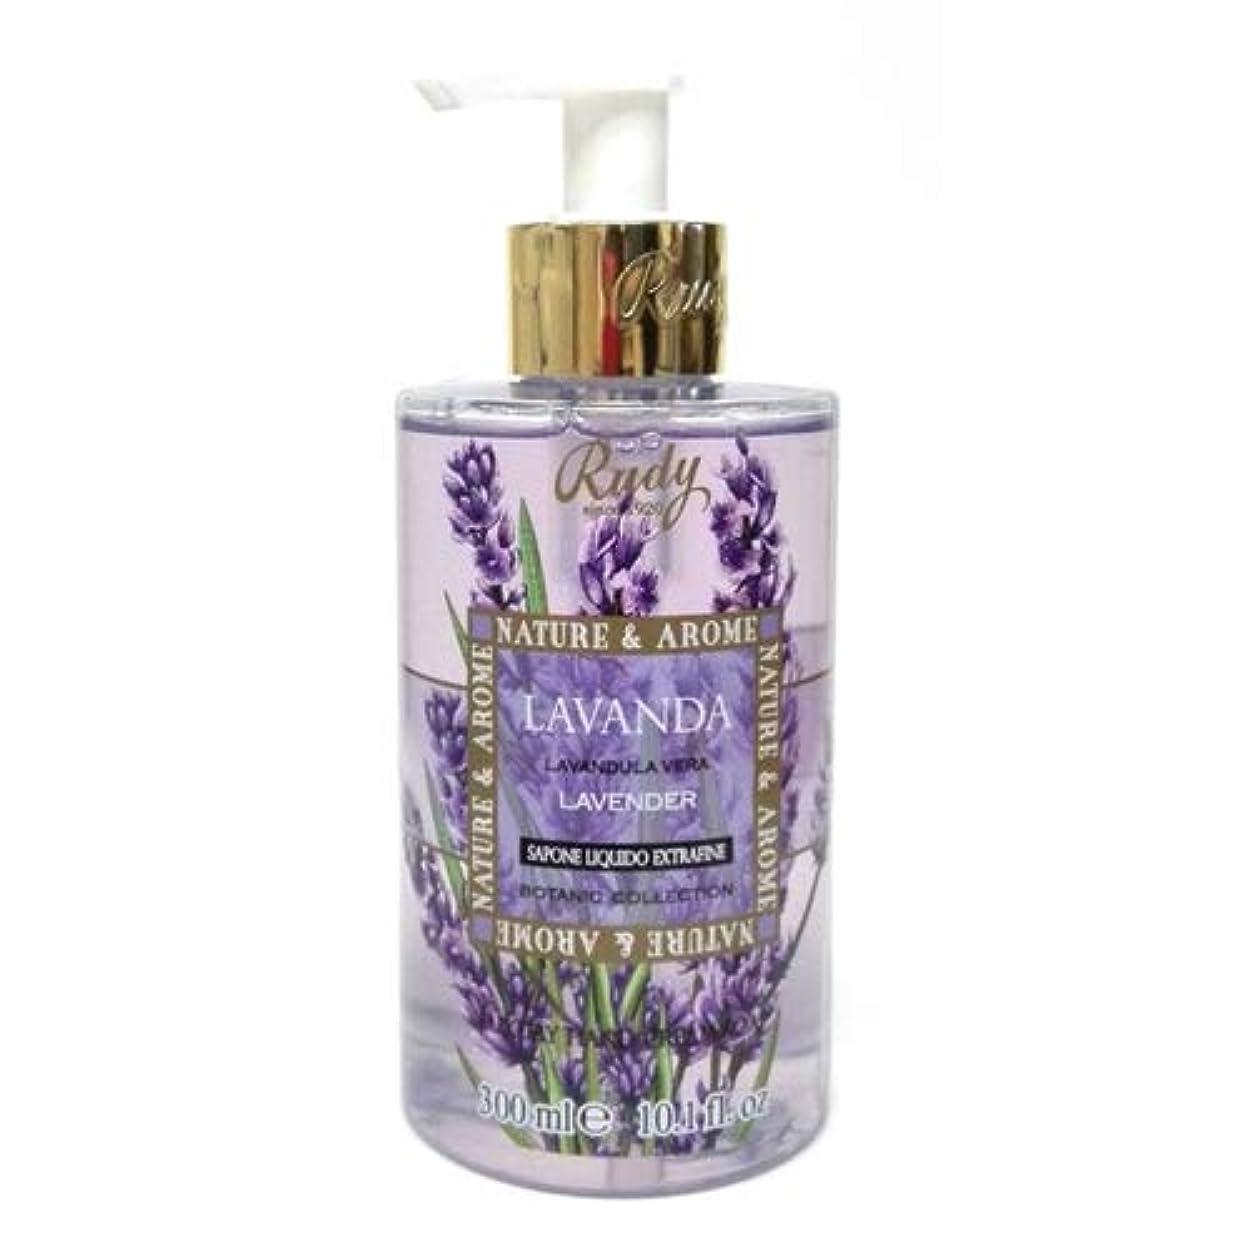 増強出血乳白色RUDY Nature&Arome SERIES ルディ ナチュール&アロマ Liquid Soap リキッドソープ ラベンダー